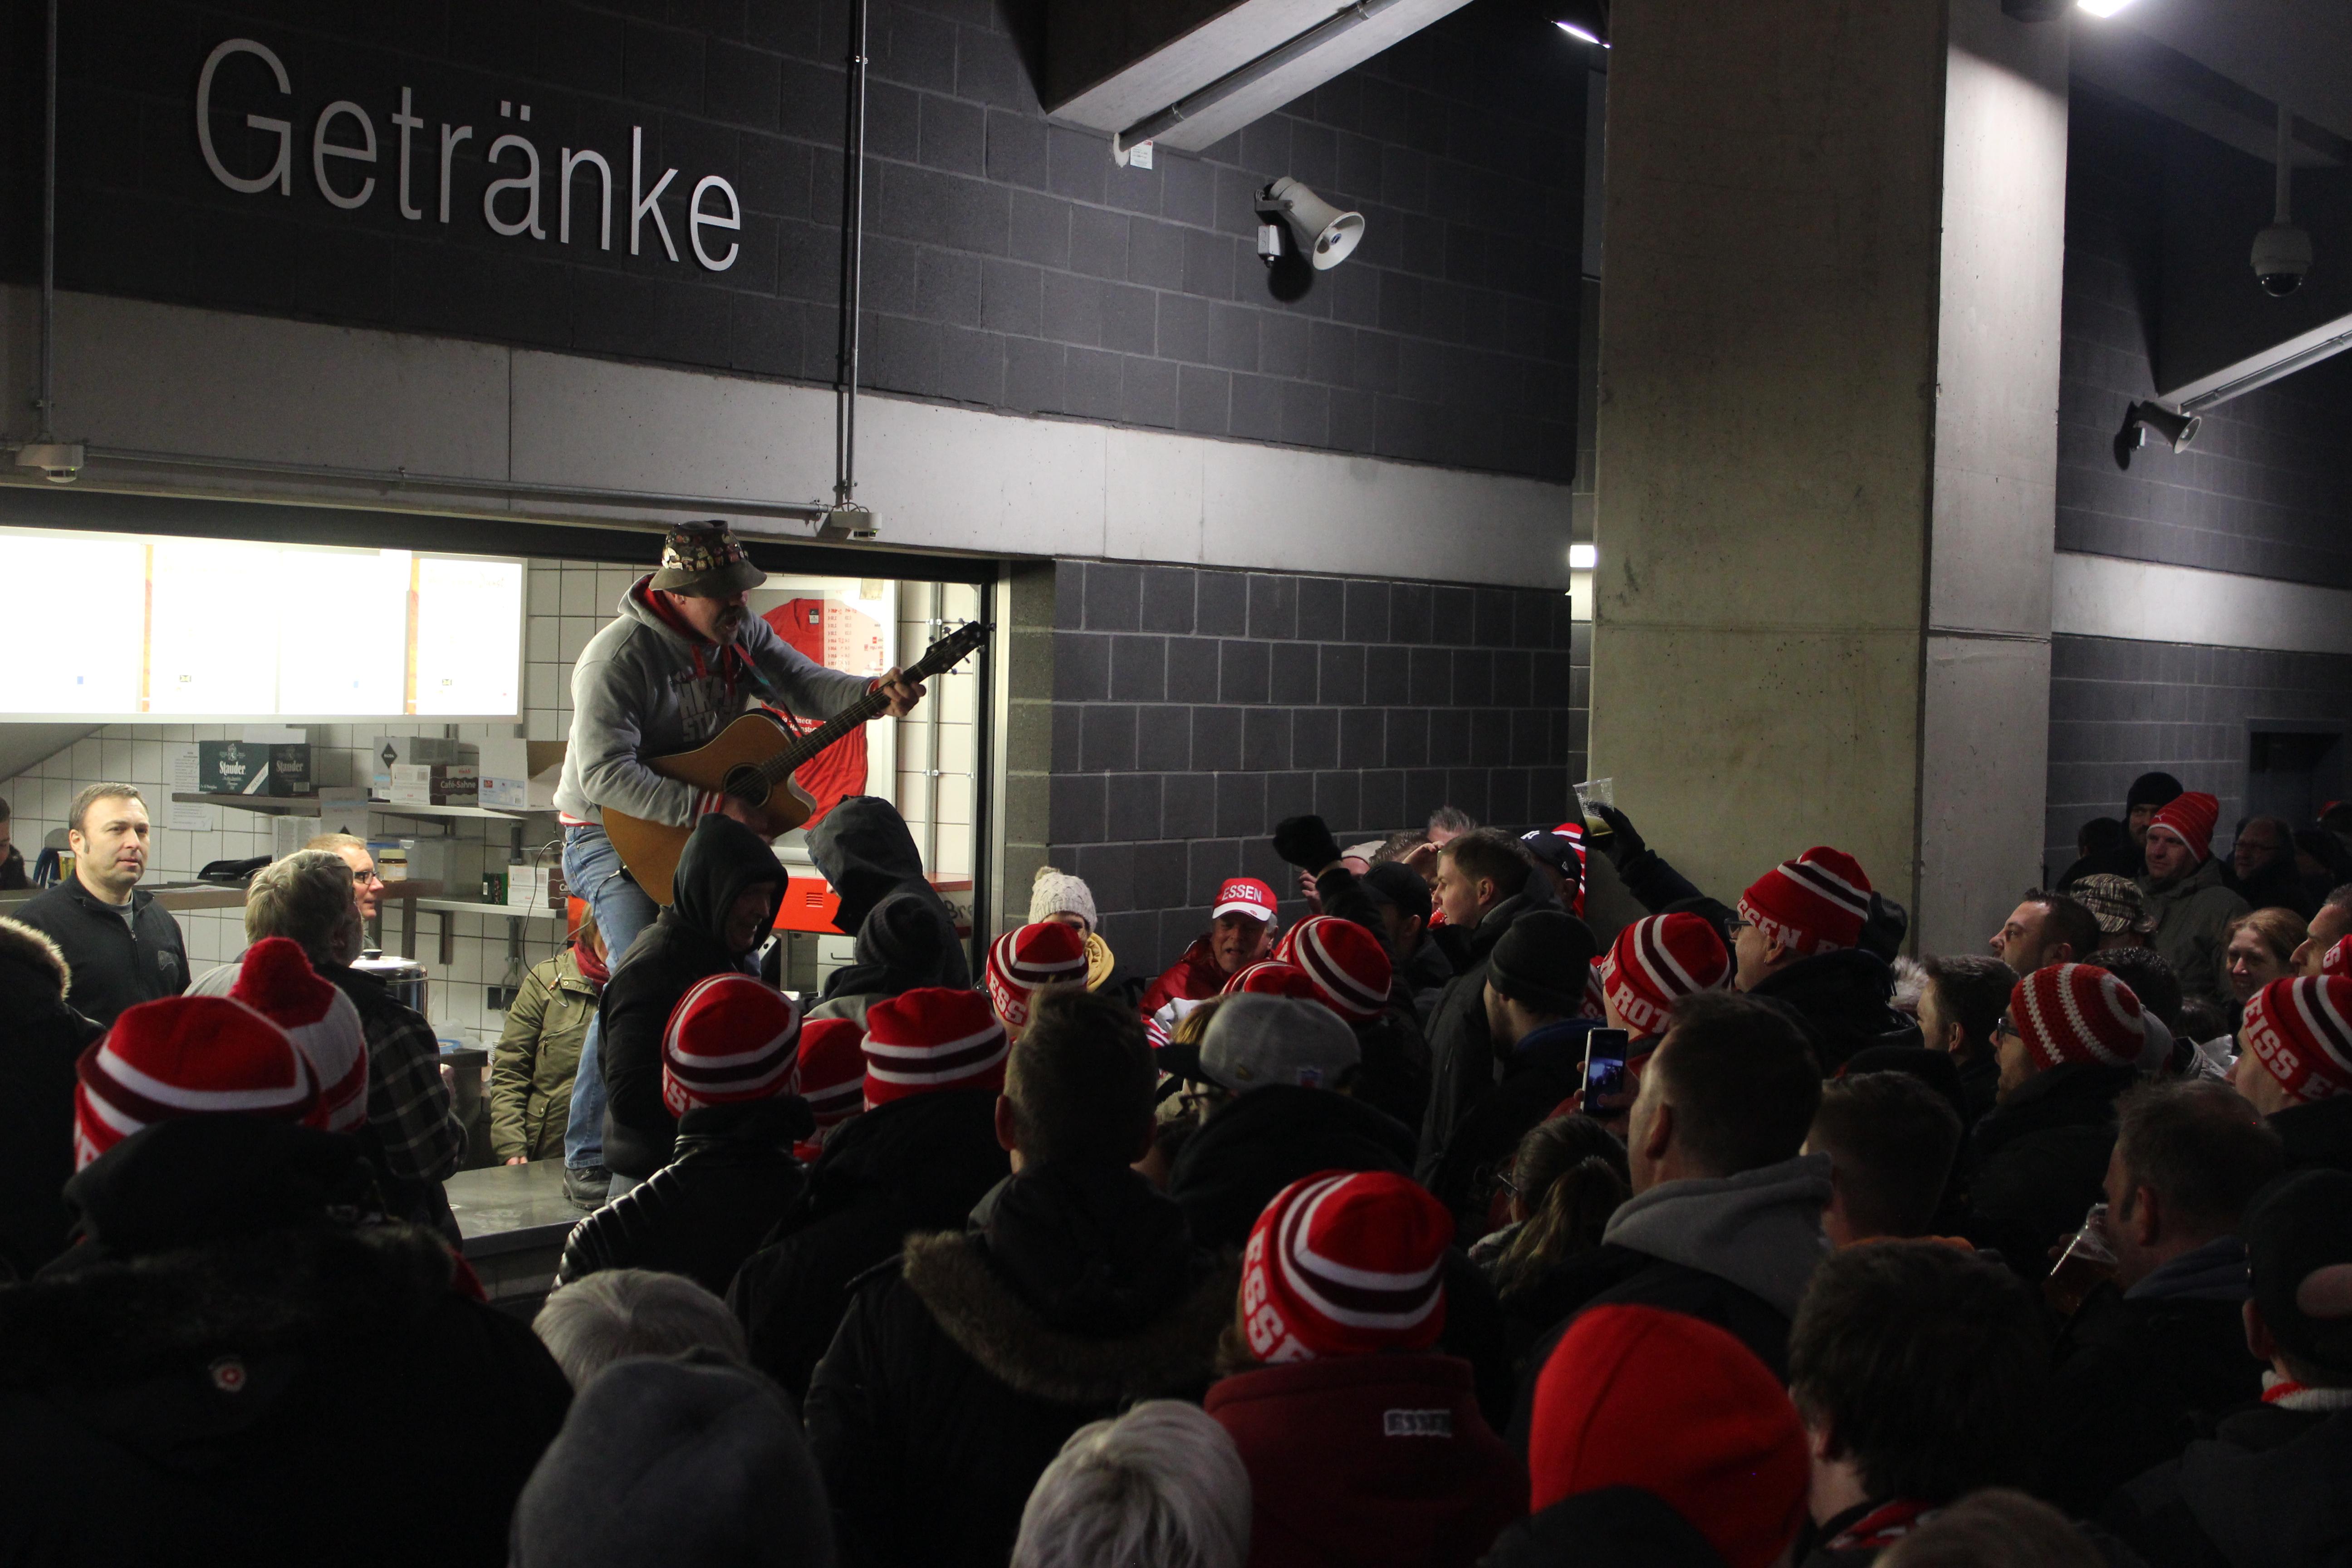 Ab 19.07 Uhr findet im Stadion Essen das rot-weisse Angrillen statt.